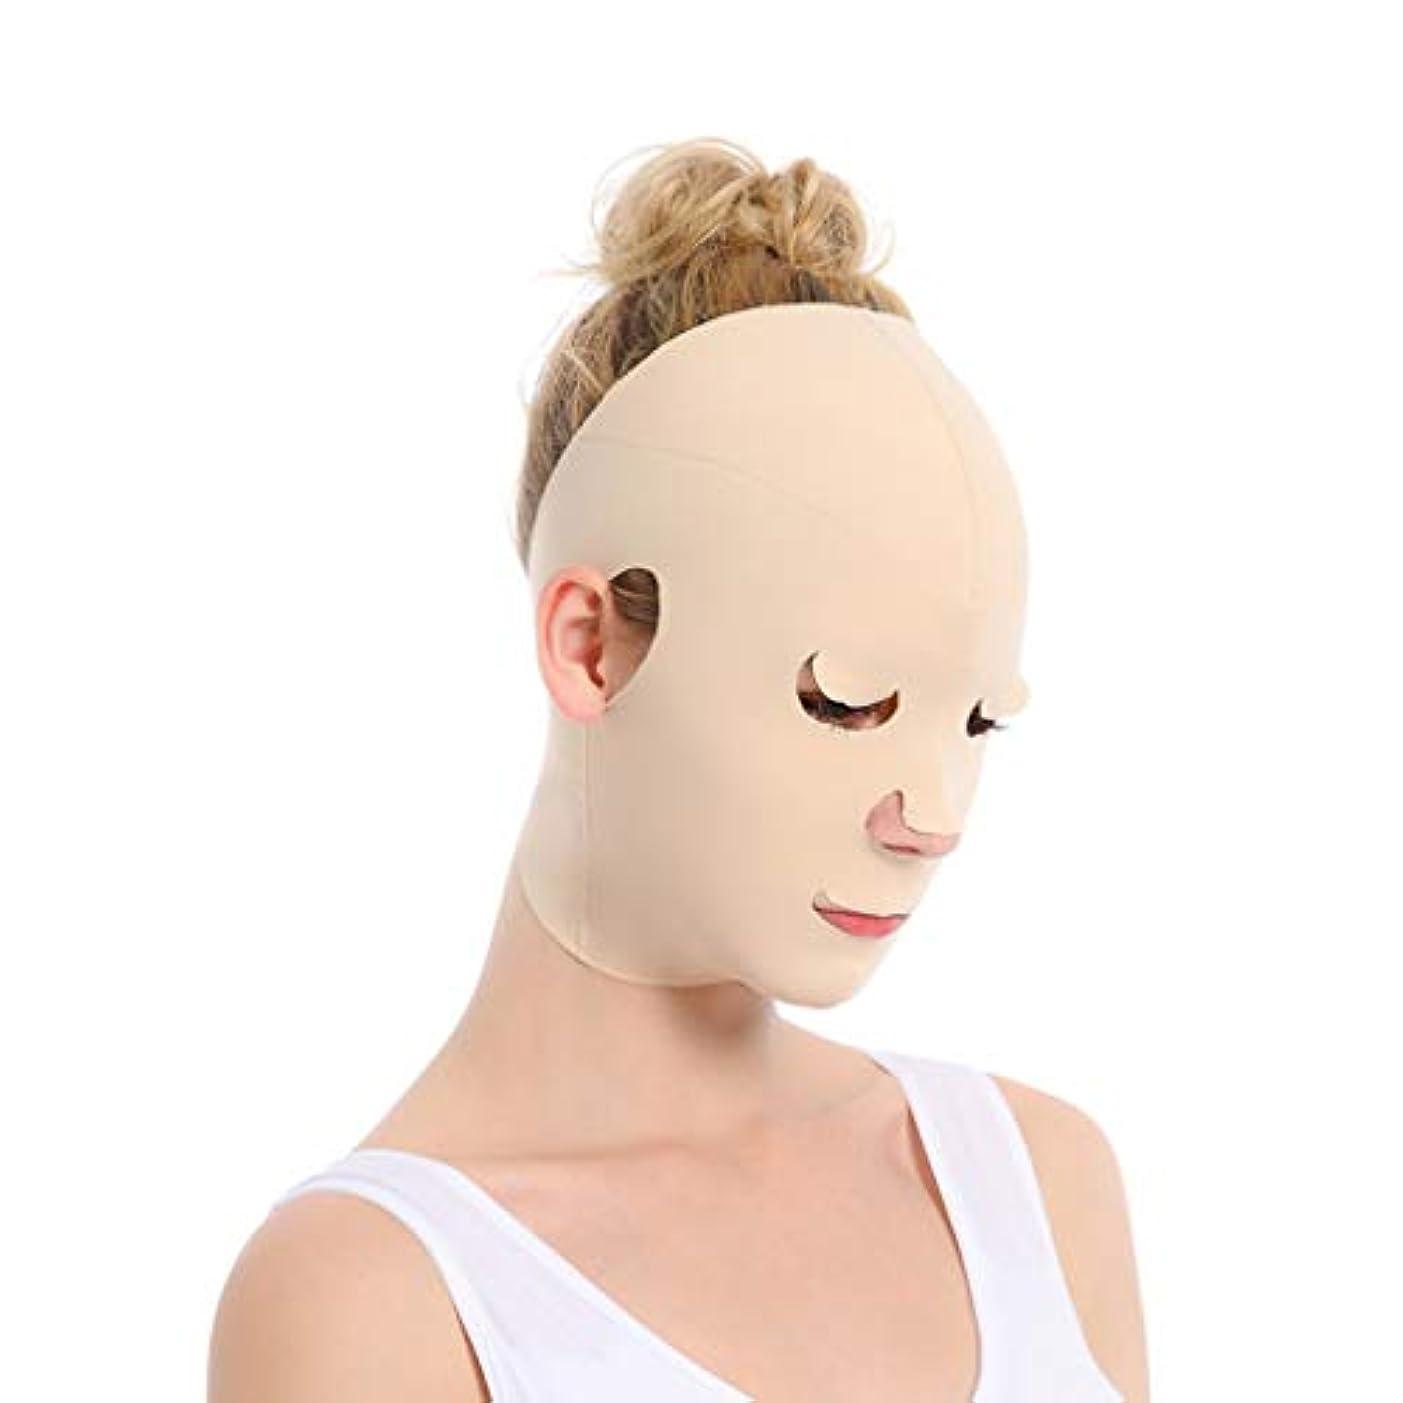 精神的にかる聖なるXHLMRMJ フェイスファーミングマスク、フェイスリフト、しわ防止フェイシャル減量ベルト、二重あご減量包帯